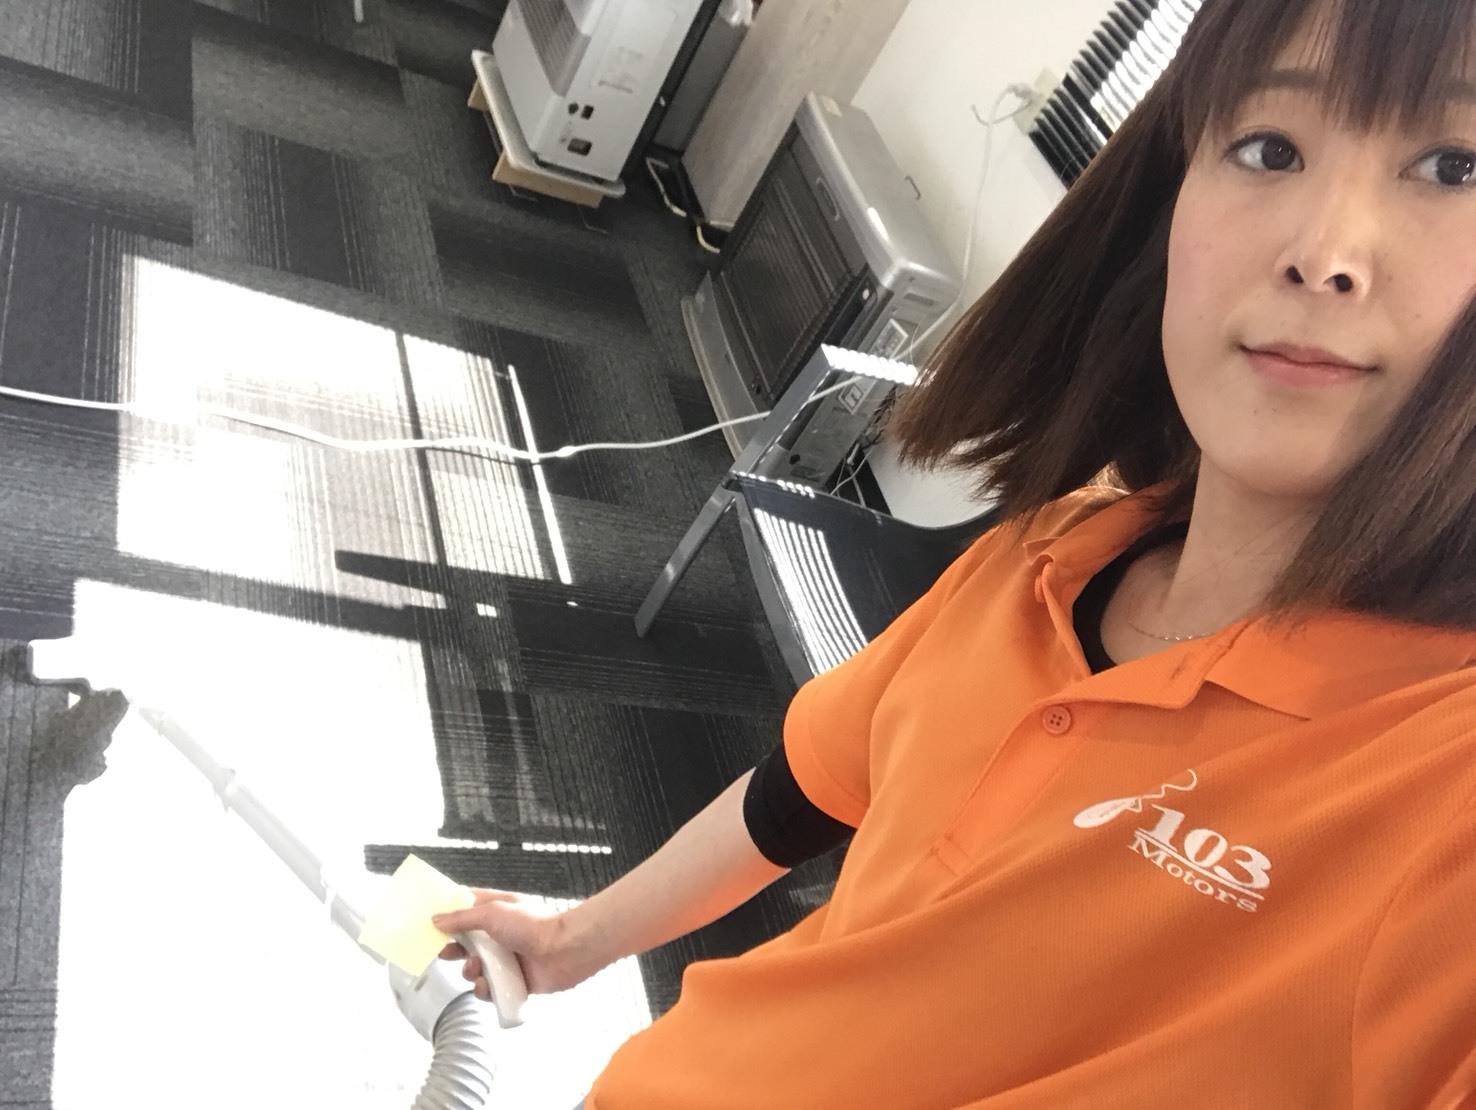 4月18日(水)トミーベース カスタムブログ☆K様インフィニティーQX56納車☆_b0127002_10284841.jpg